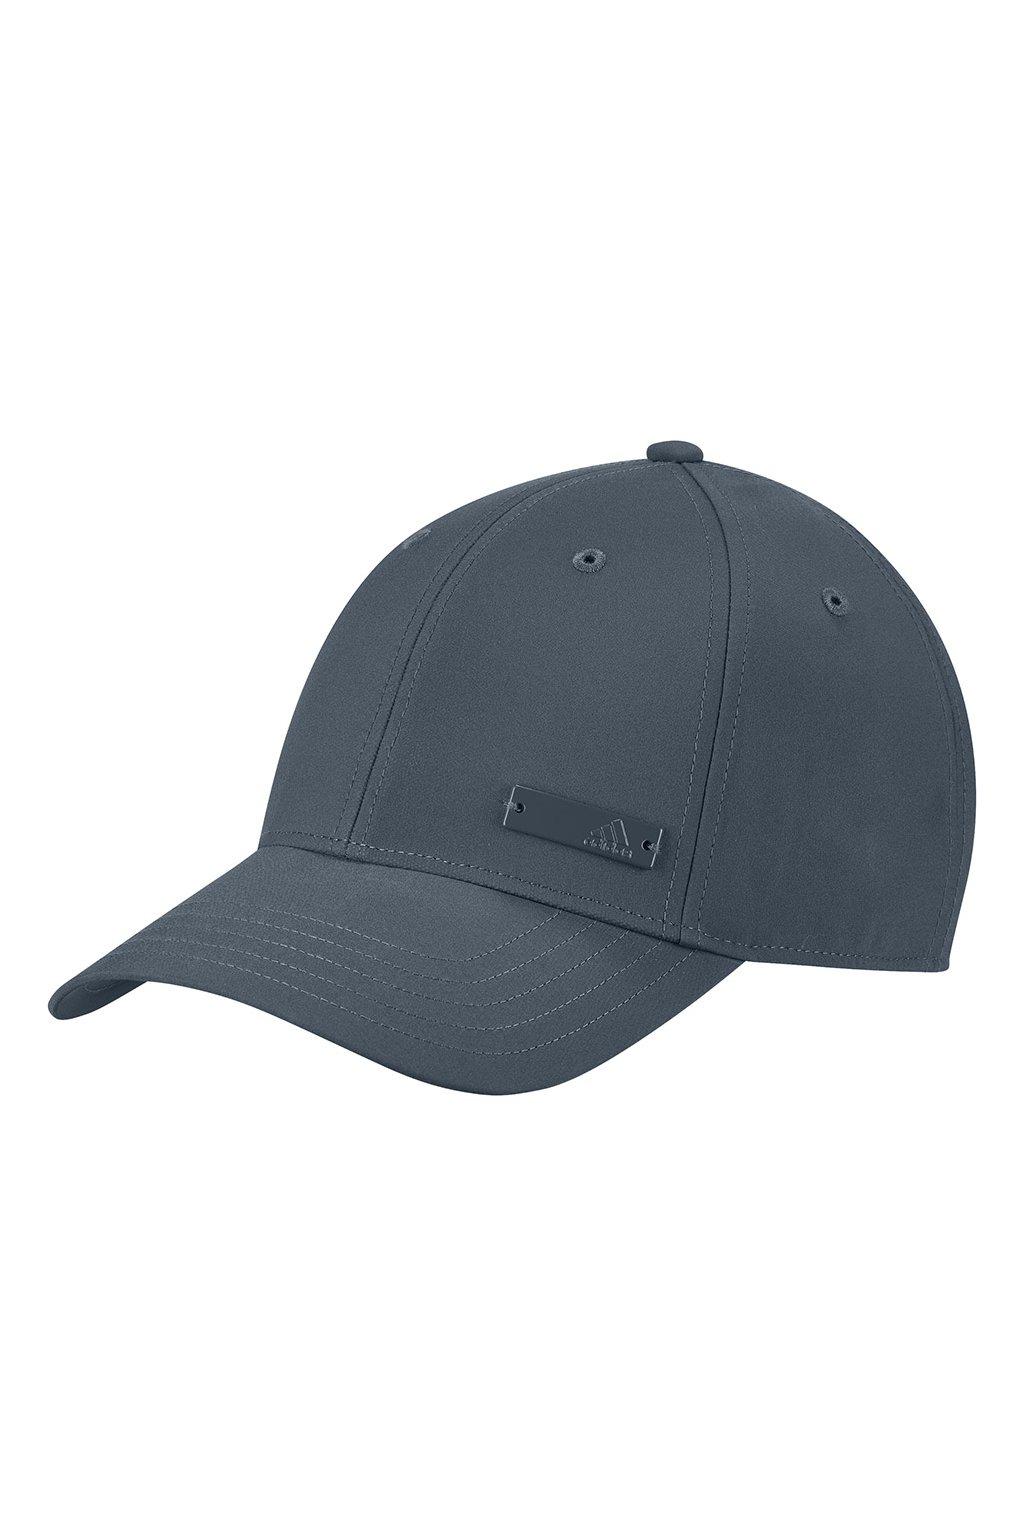 Dámska šiltovka adidas Baseball Cap LT MET šedá OSFW GE0755